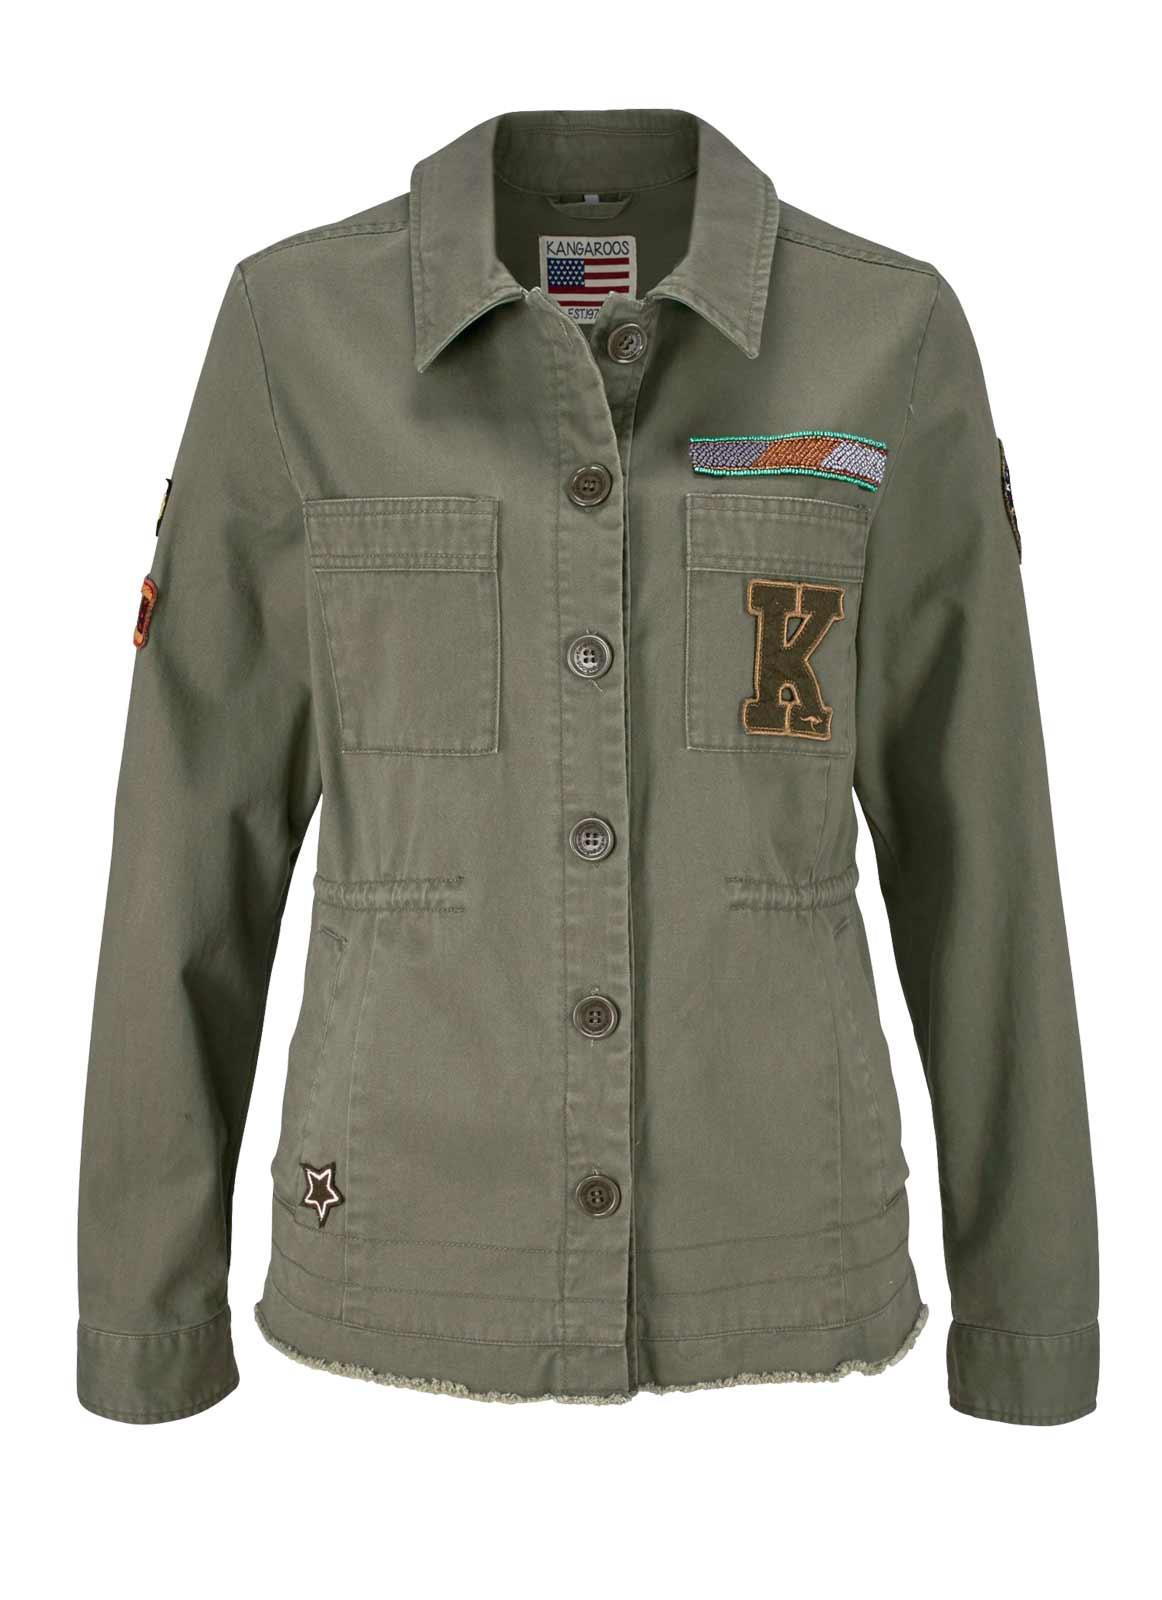 jacken auf rechnung bestellen als neukunde KangaROOS Damen-Jacke Military-Style-Jacke, oliv 632.057 MISSFORTY